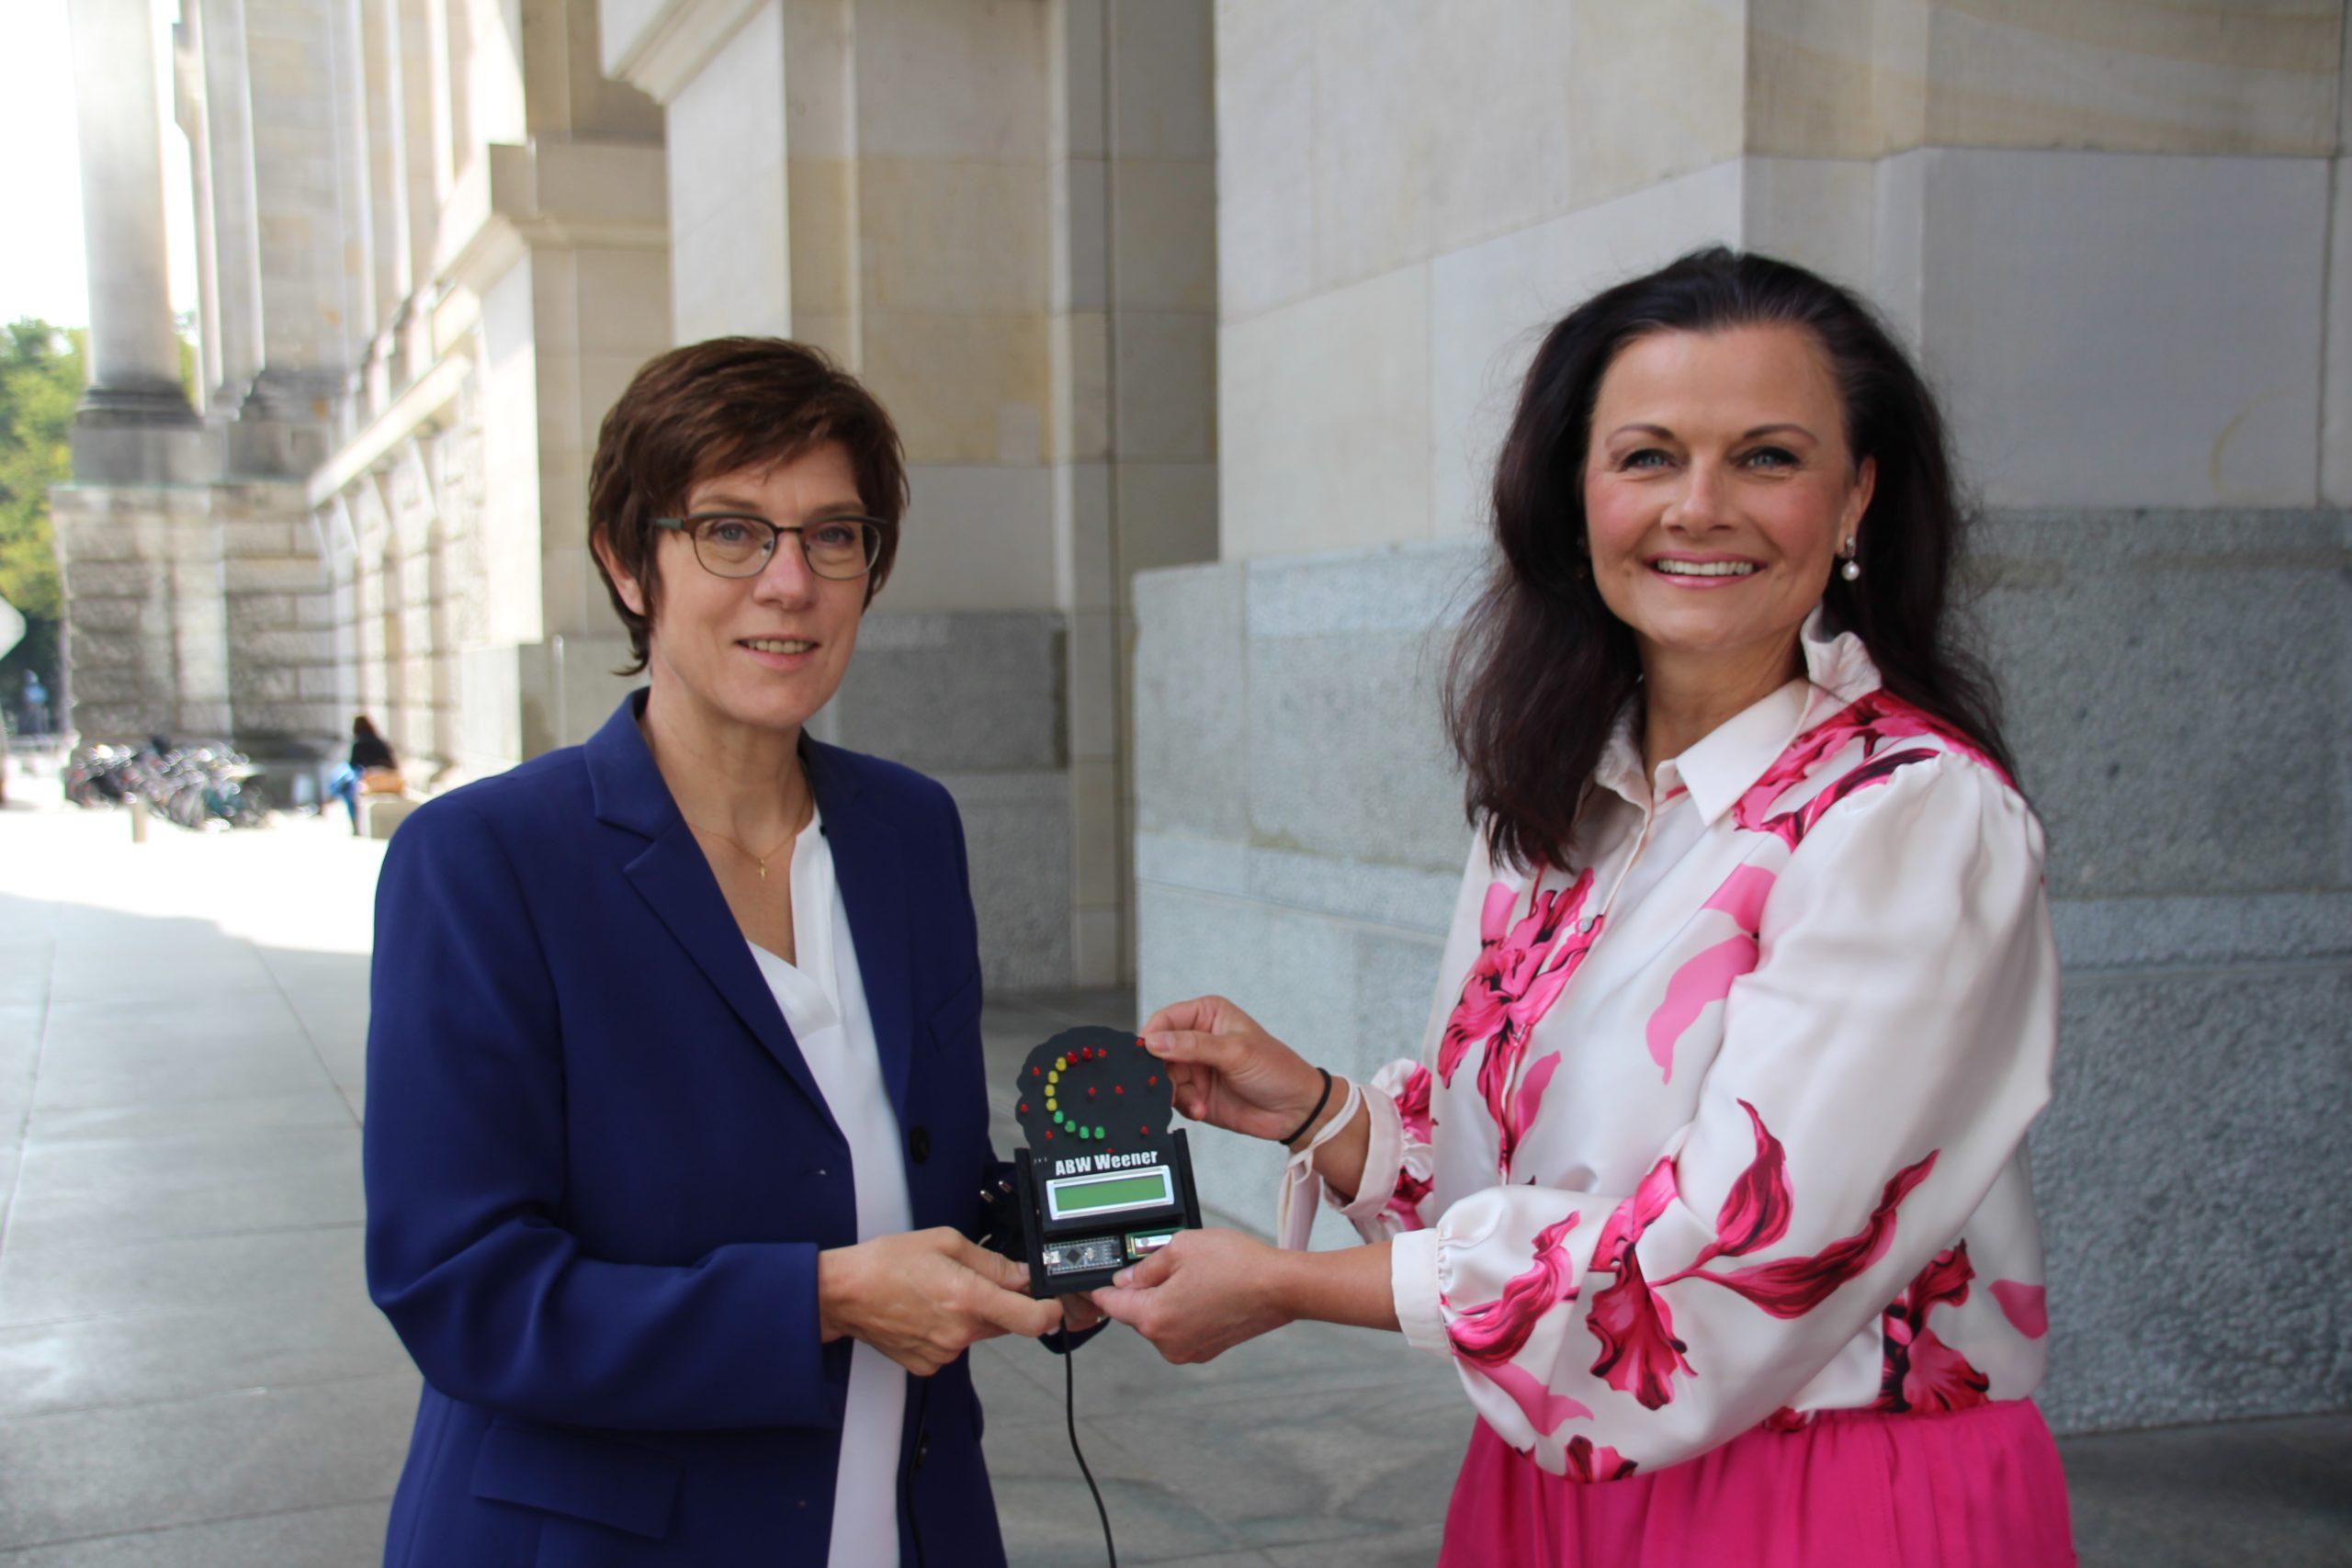 Verteidigungsministerin erhält CO²-Messgerät aus Weener